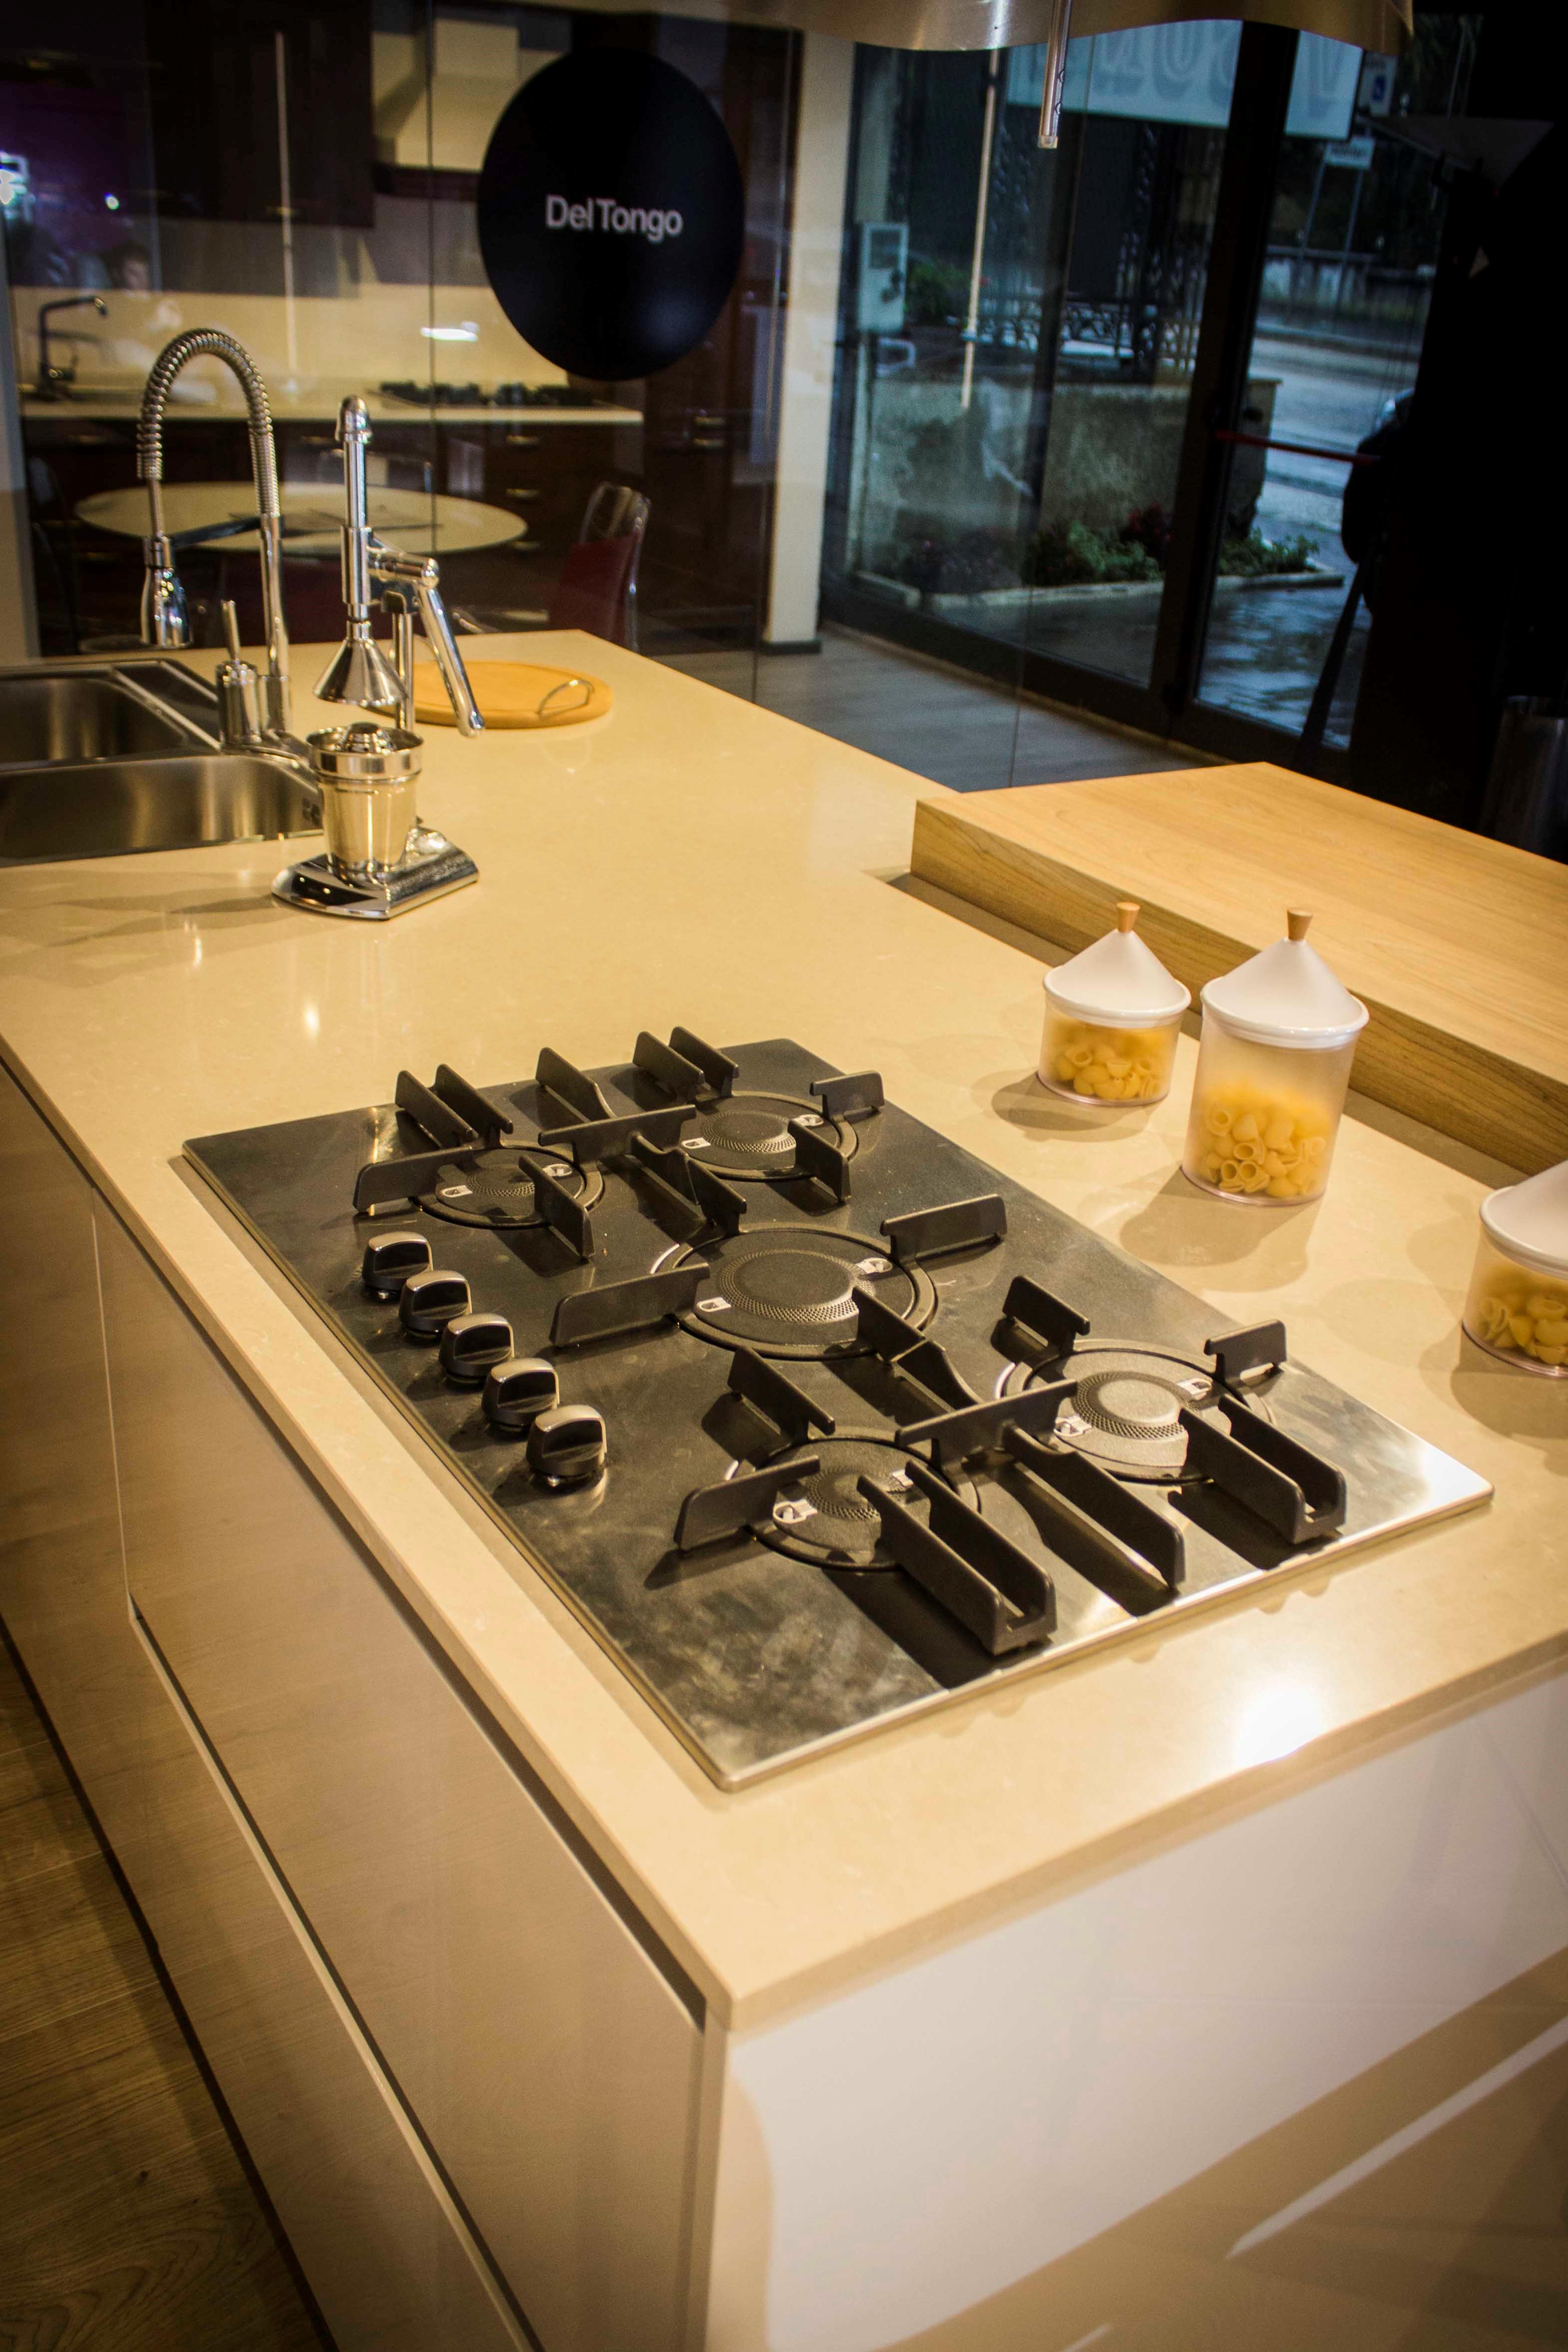 Cucina del tongo creta scontata del 55 cucine a prezzi - Cucine del tongo opinioni ...